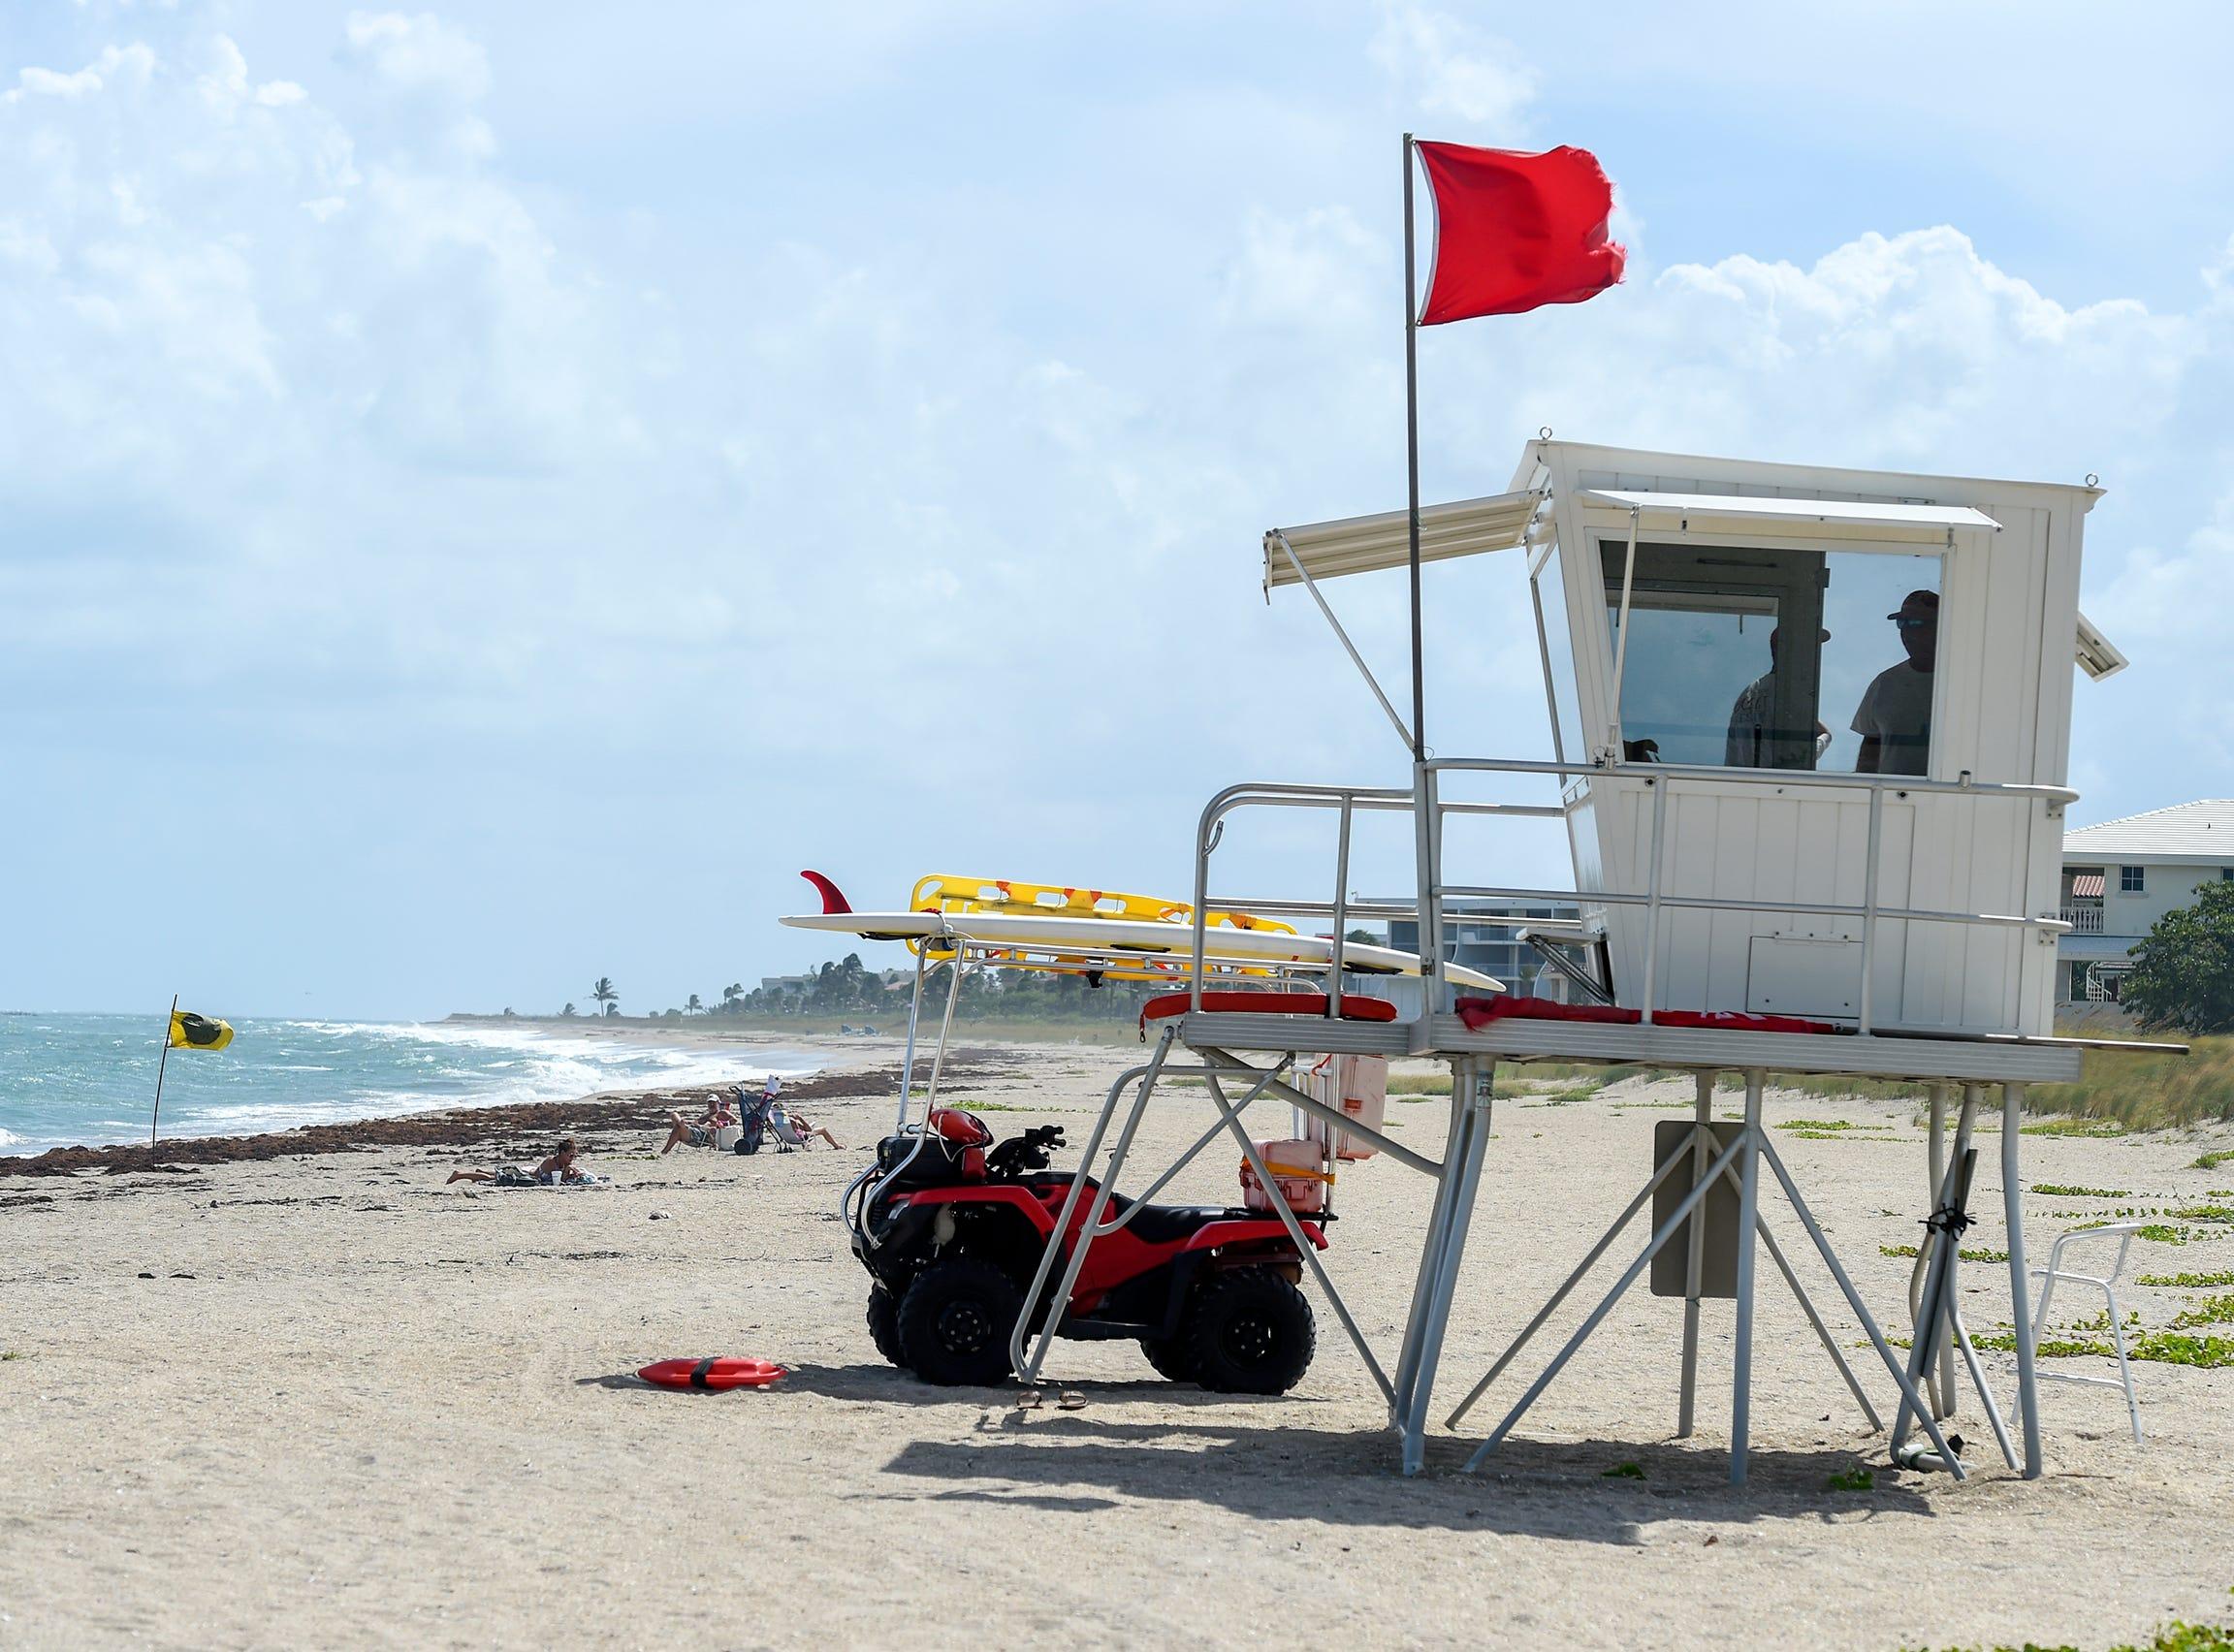 Red tide, blue-green algae, Erin Brockovich, Lake Okeechobee discharges made news this week